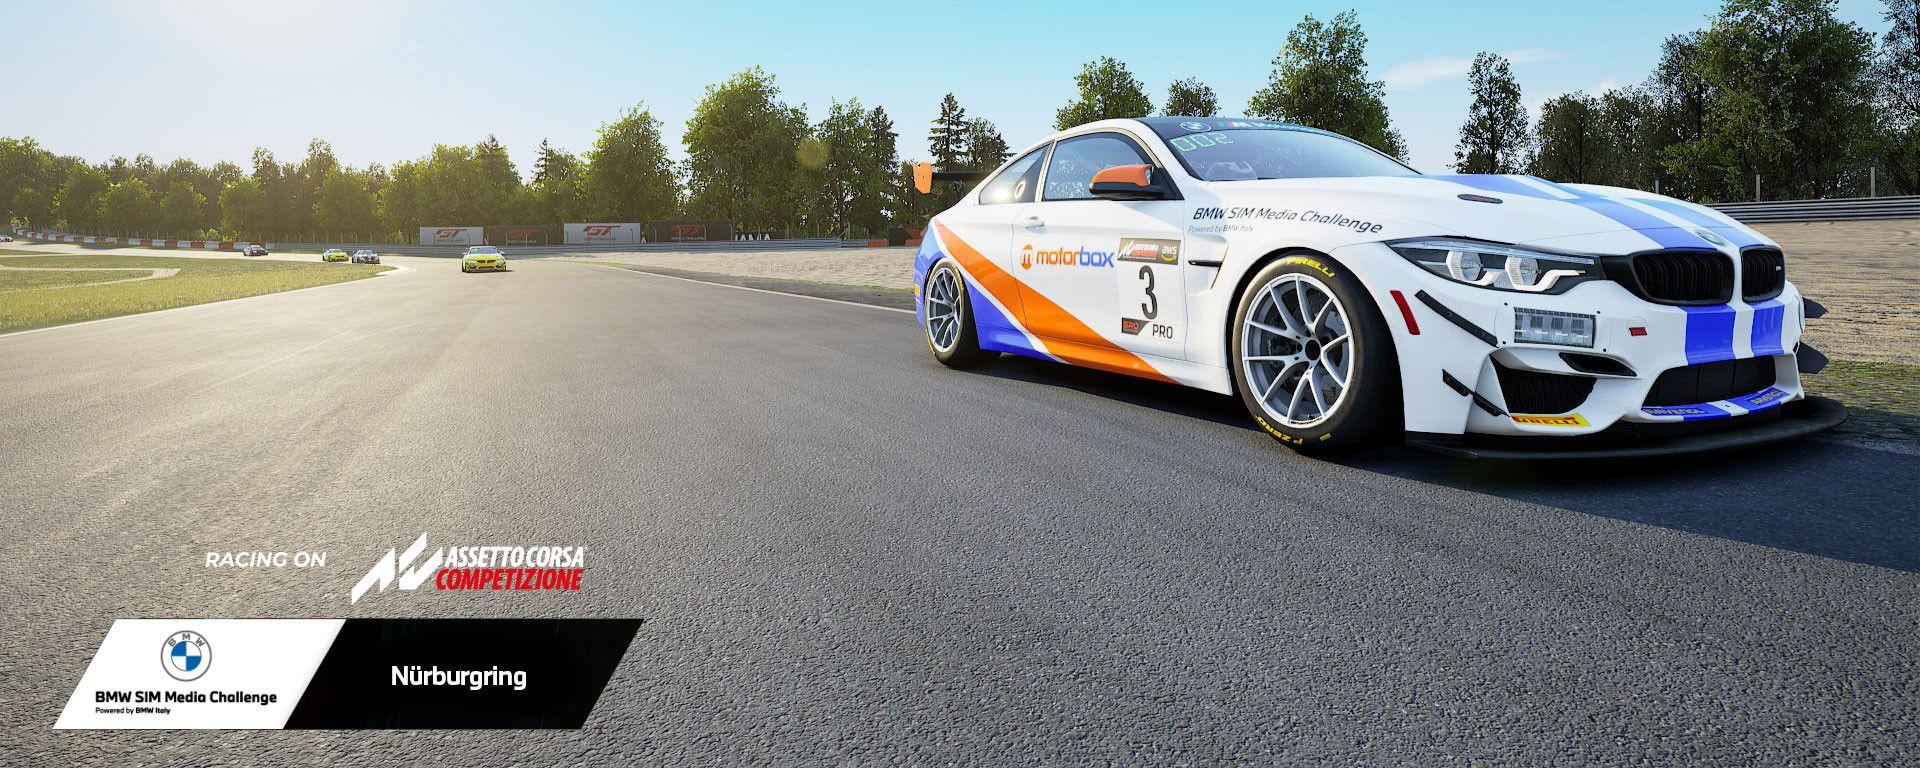 Bmw Sim Media Challenge 2021: la Bmw M4 GT4 di MotorBox